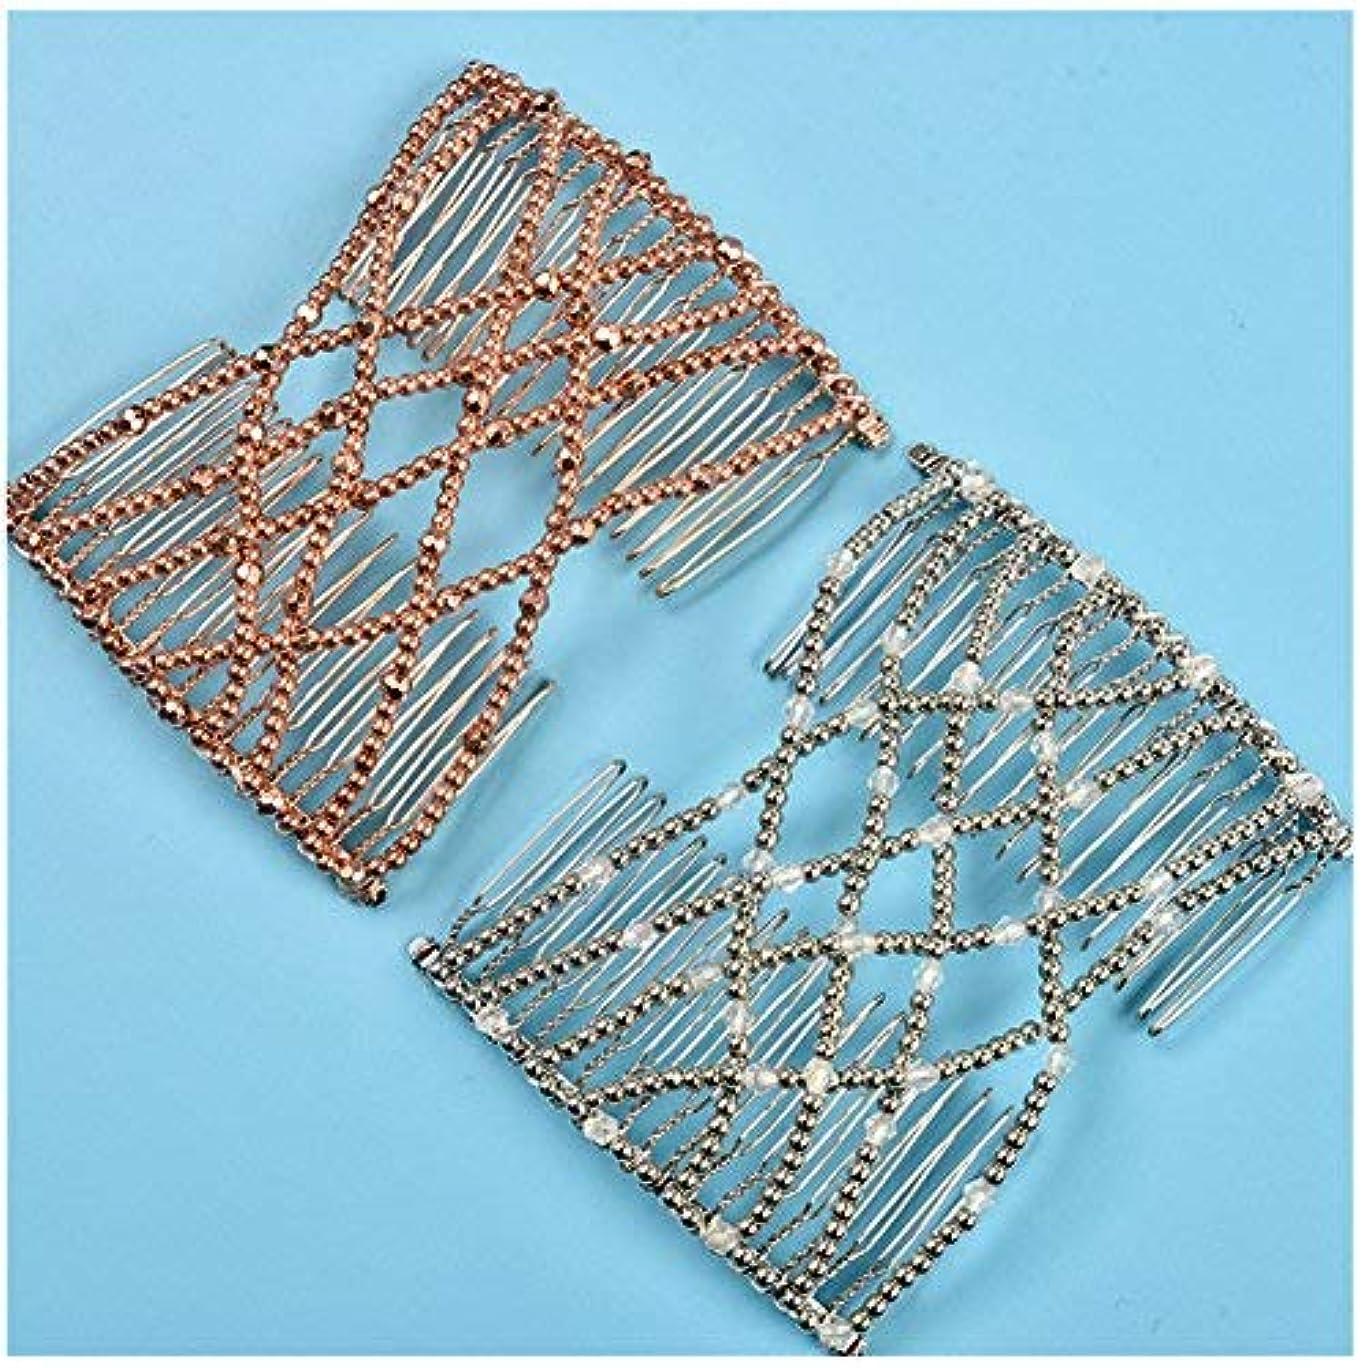 湖面白い才能Lovef 2pcs Fashion Magic Beaded Elasticity Double Hair Comb Clip Stretchy Women Hair Accessories [並行輸入品]